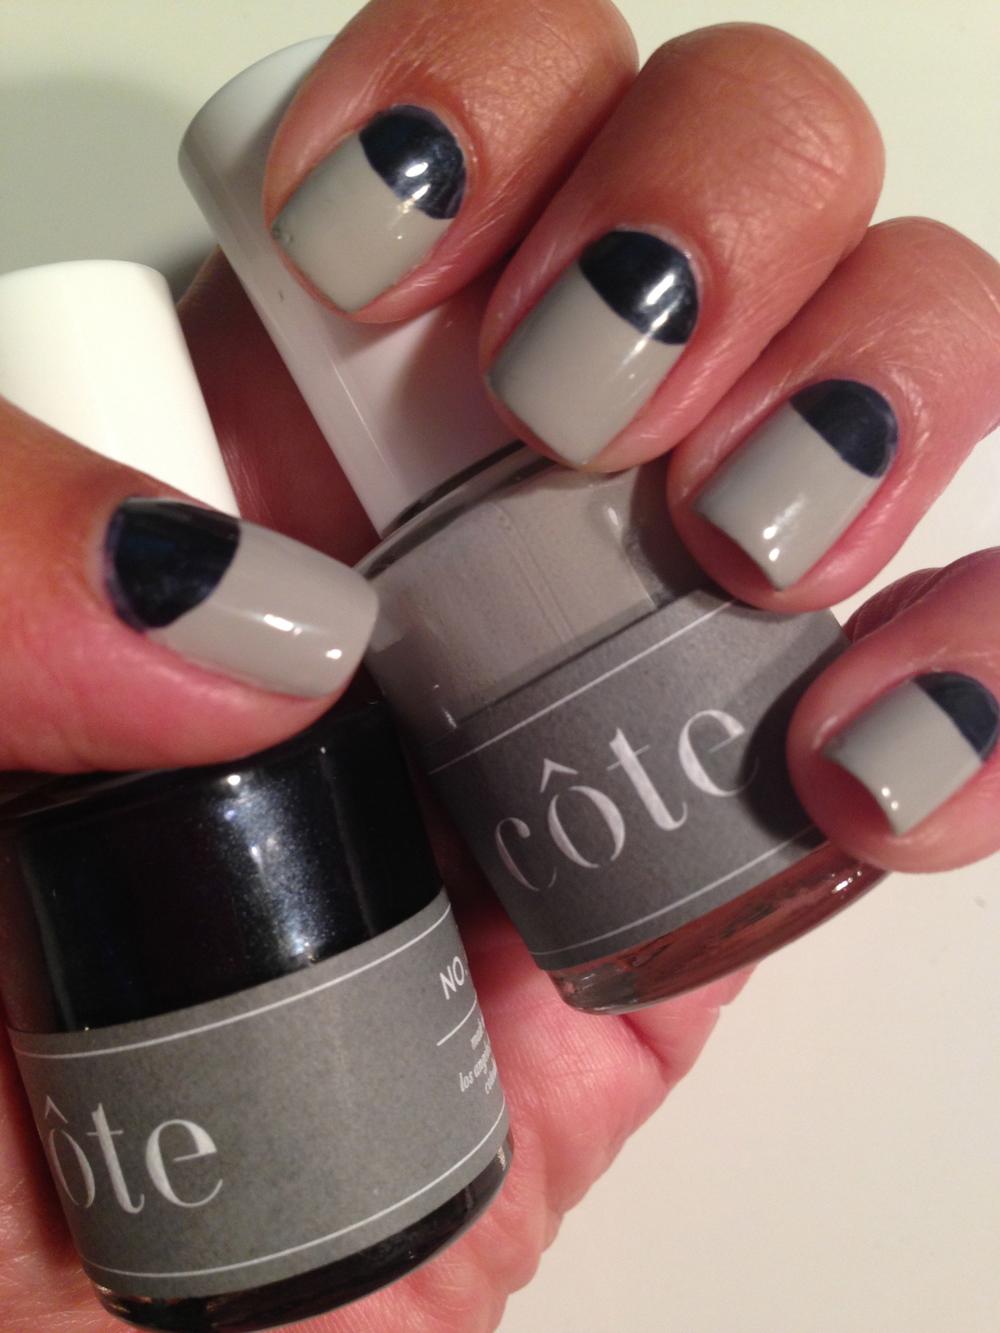 c  ôte nail shades: No.102 (grey), and No. 76 (midnight blue)